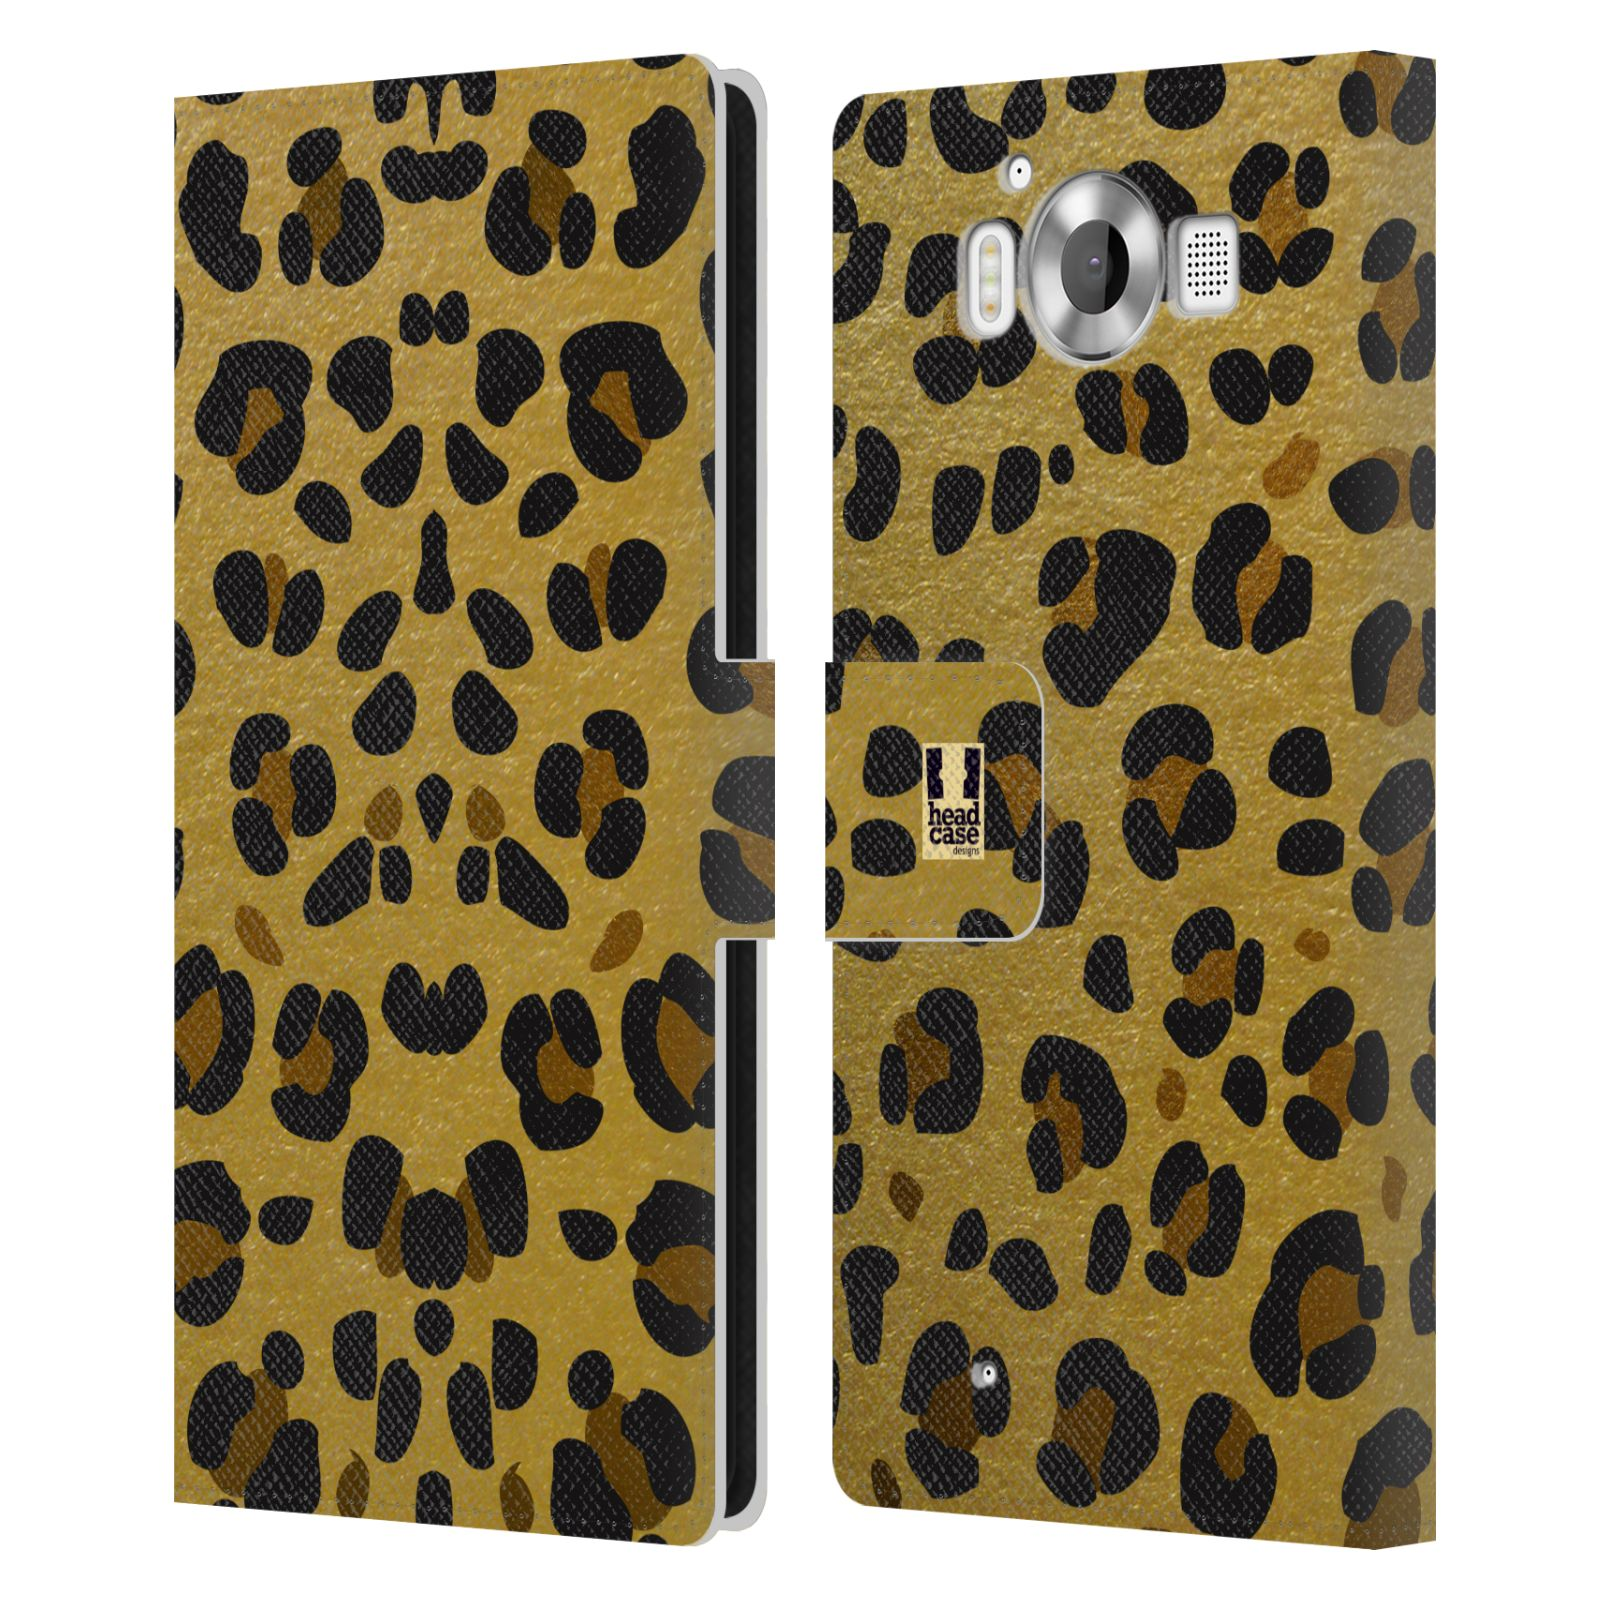 Pouzdro na mobil Nokia Lumia 950 - Head Case - Fashion zvířecí vzor